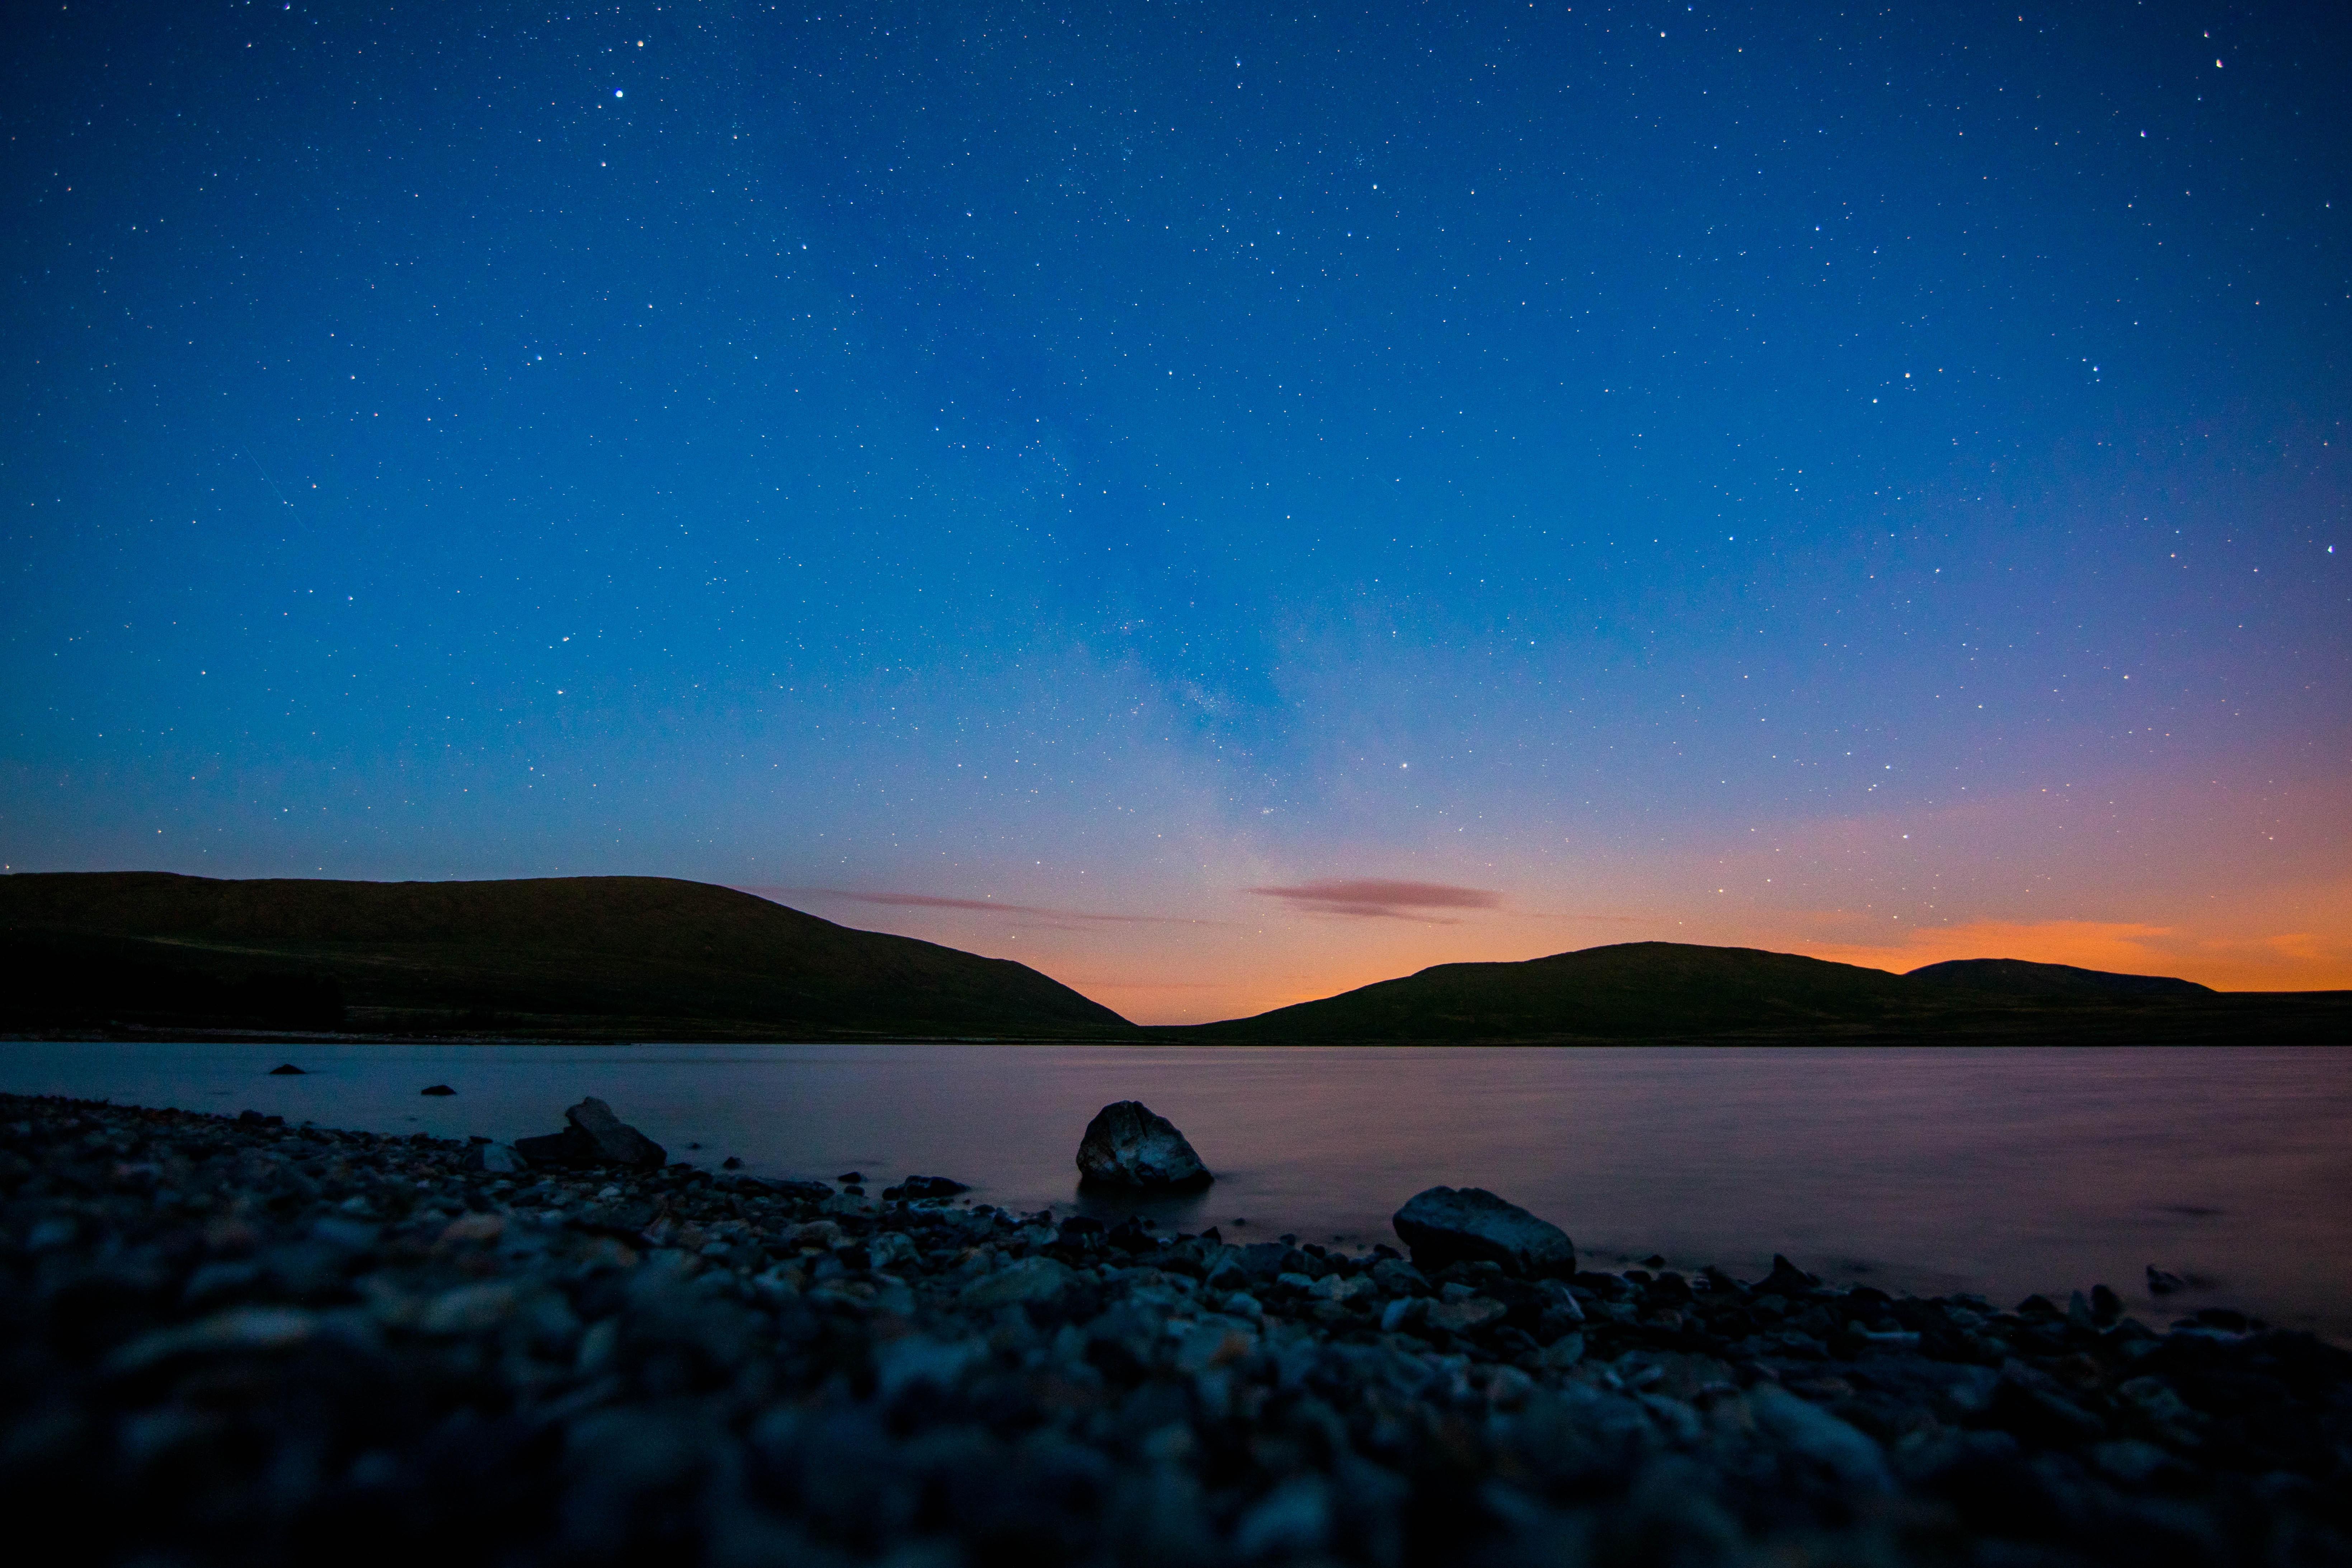 stones on seashore under starry night